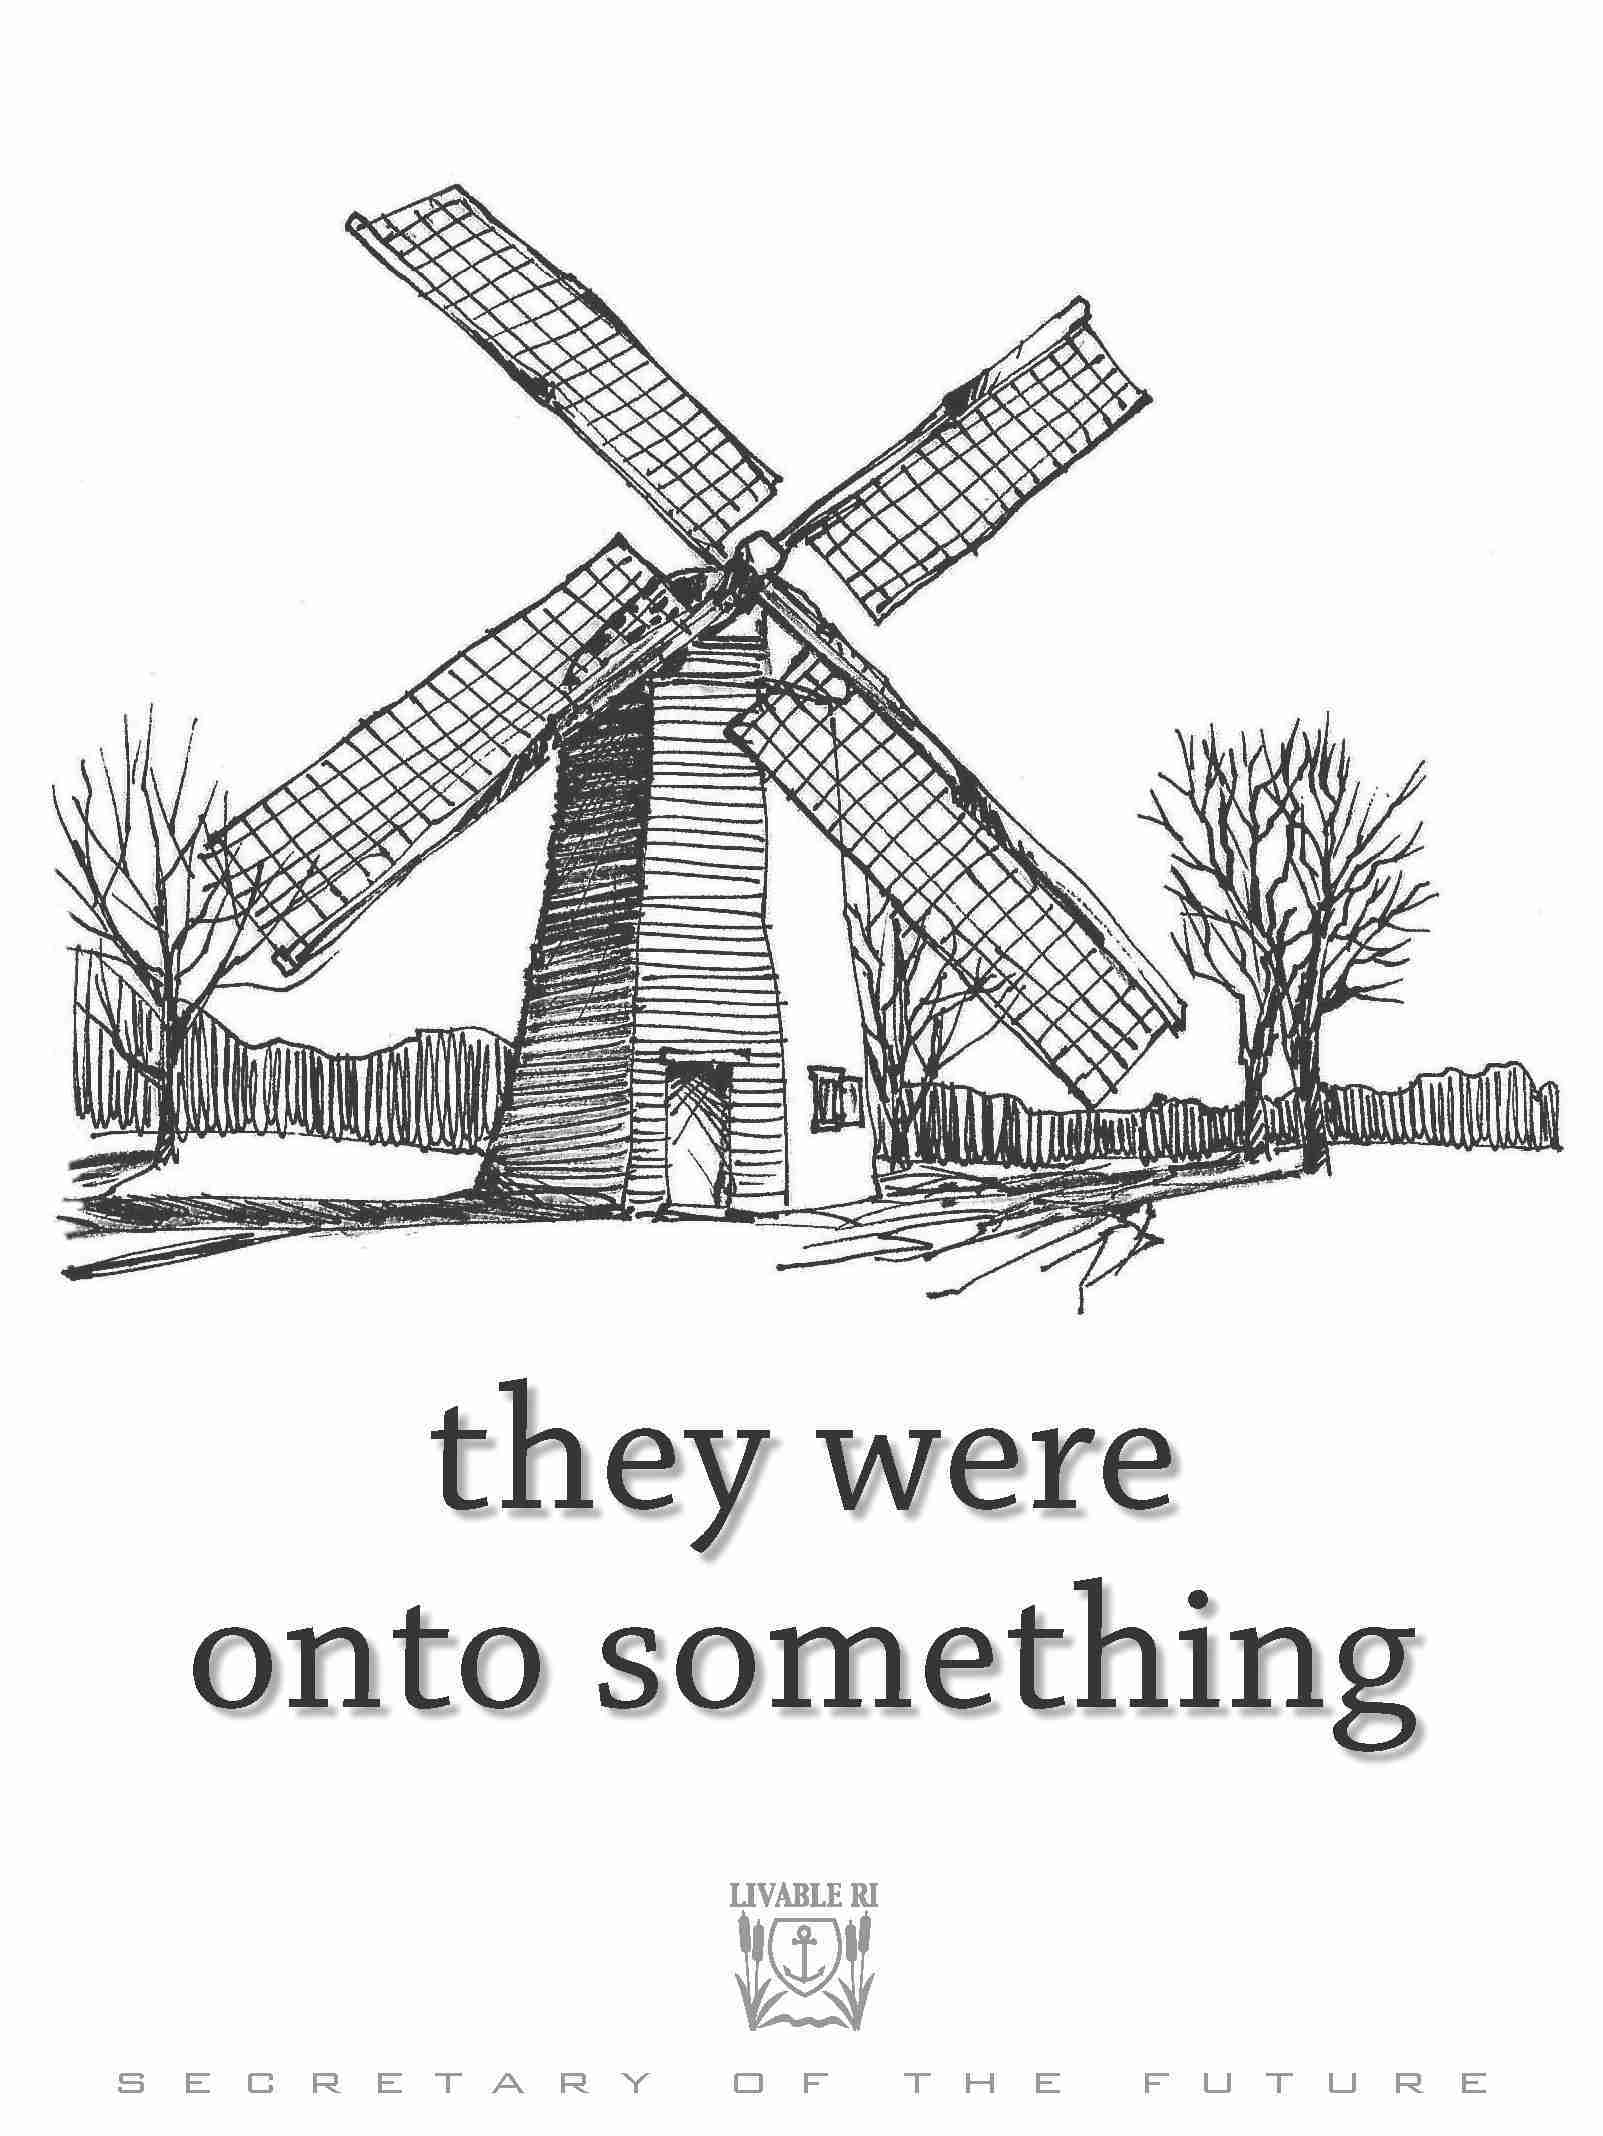 Windmill_Poster2_18x24_final